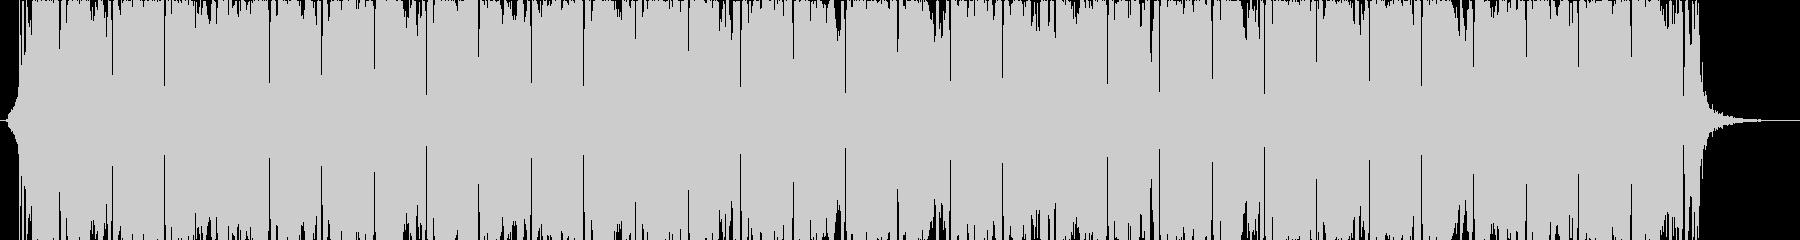 シンスウェーブ/ミッドナイトの未再生の波形